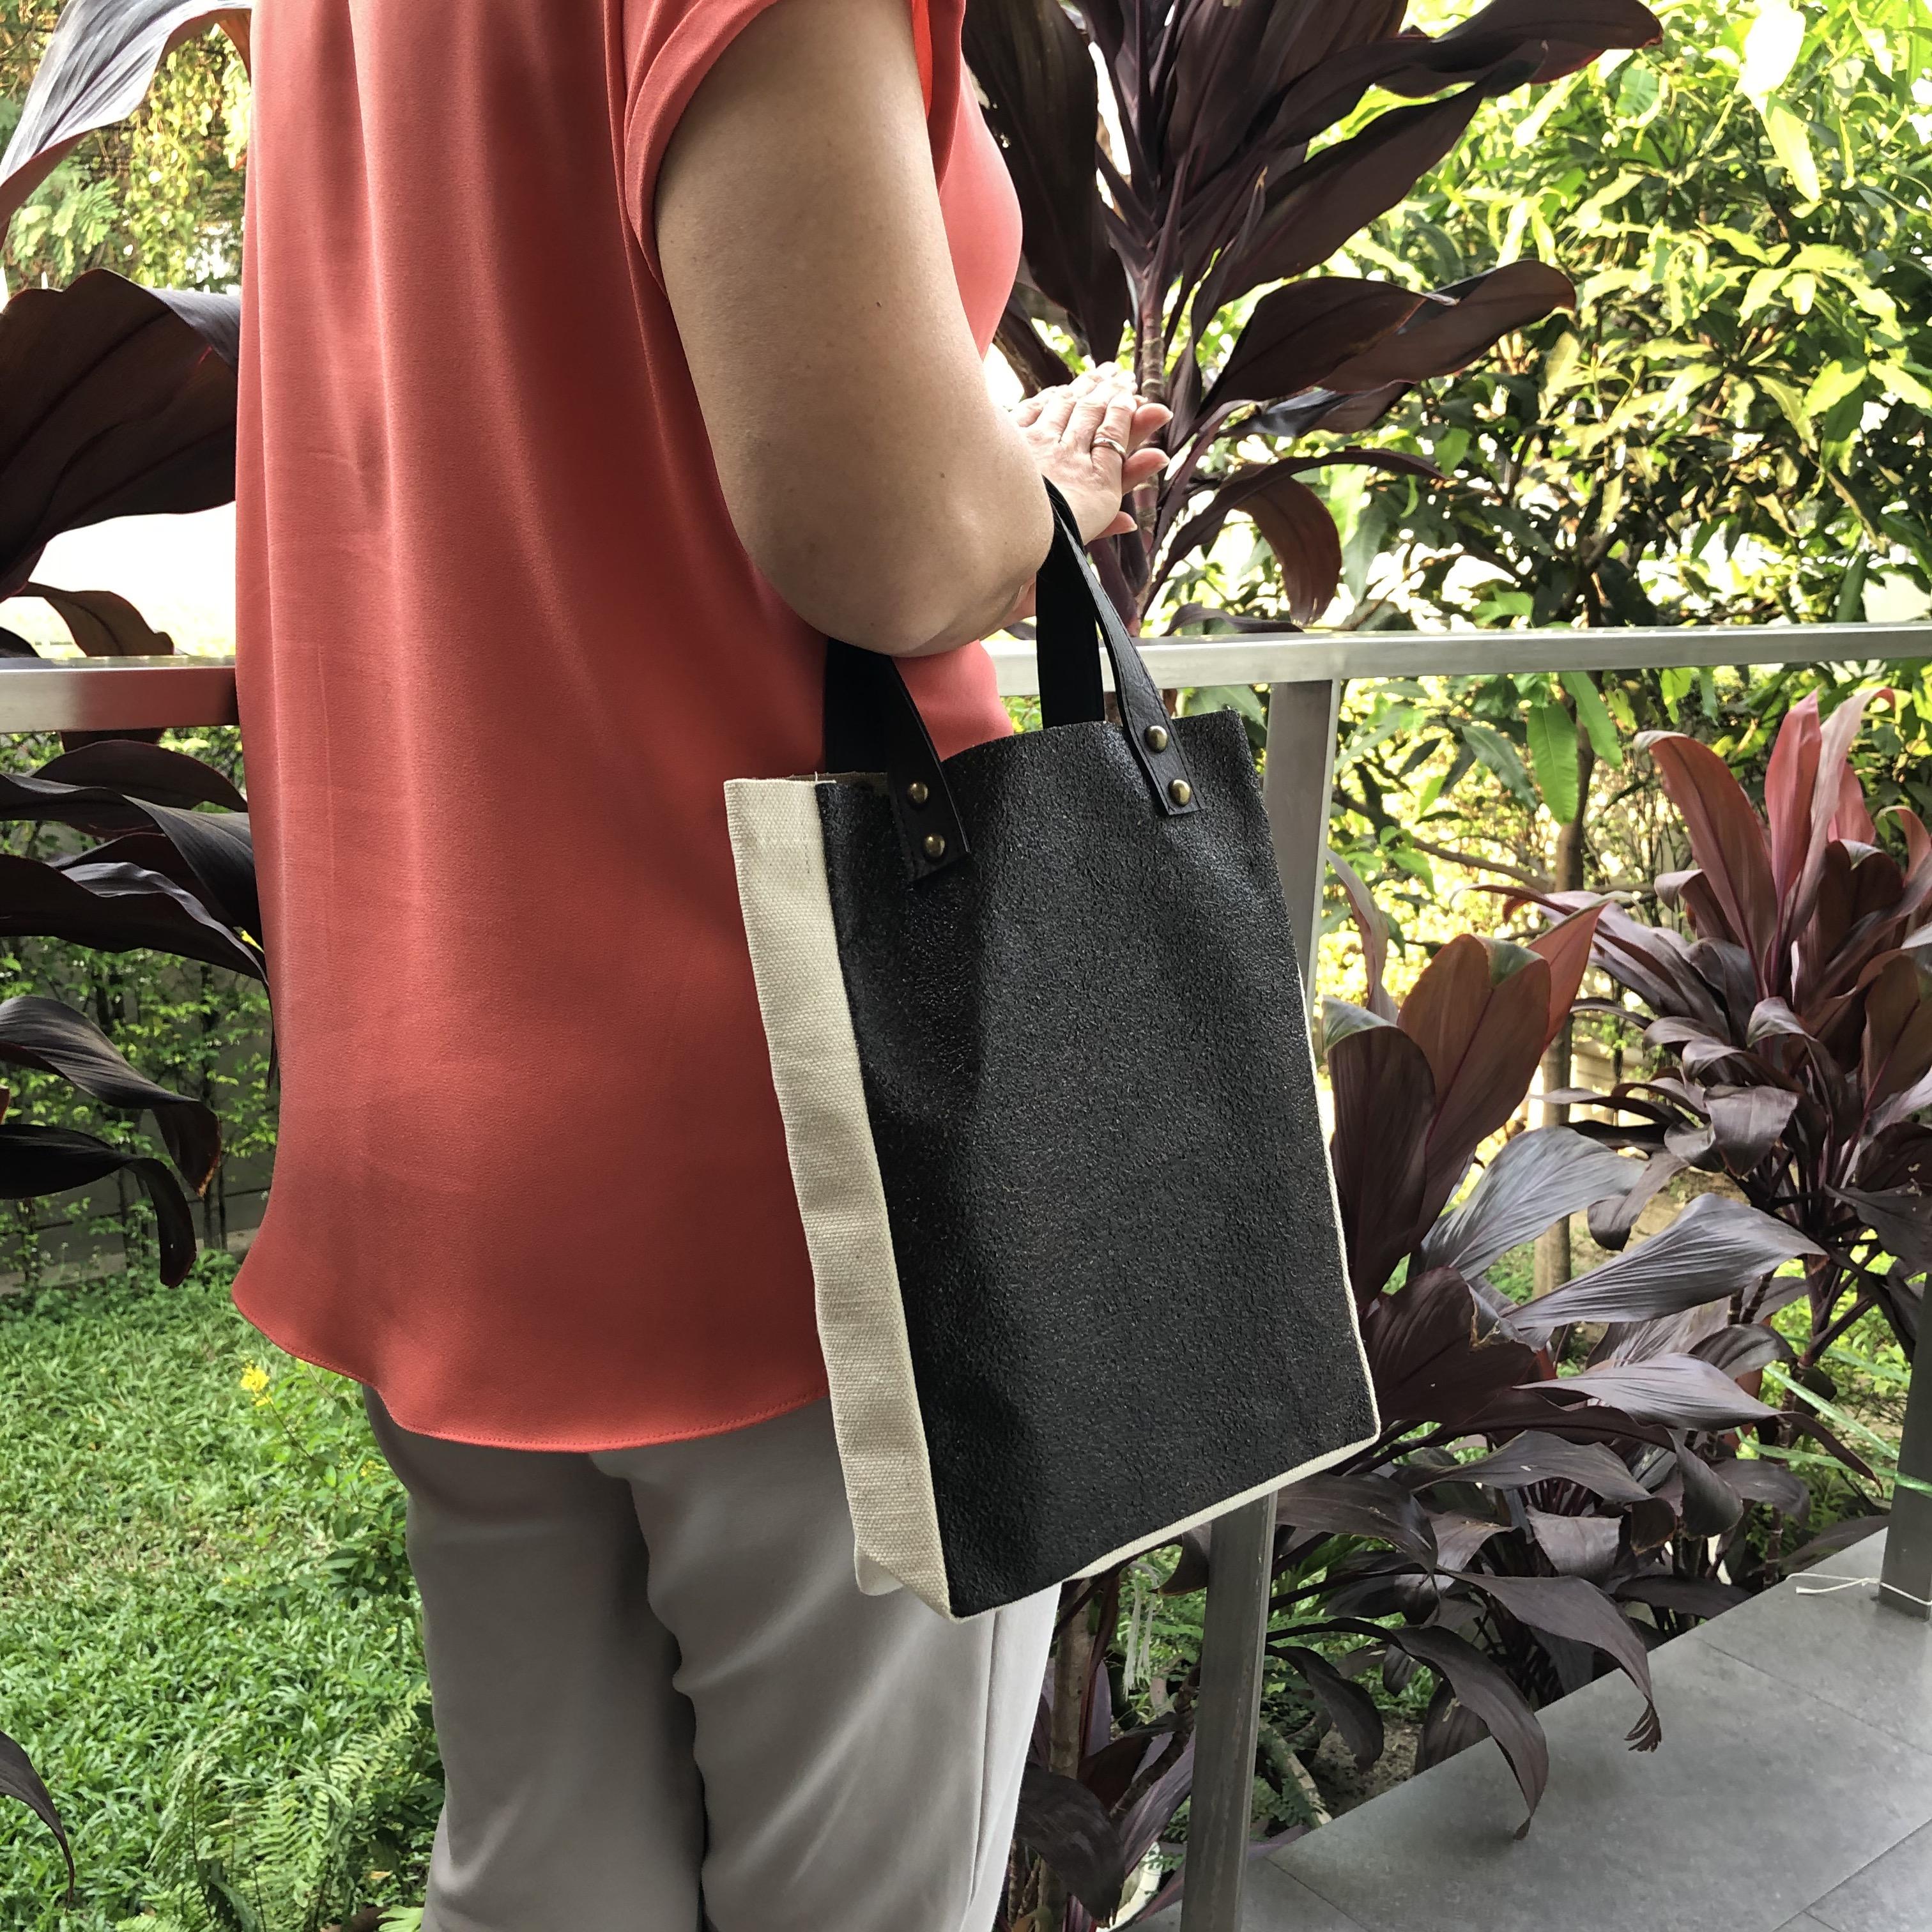 กระเป๋าช้อปปิ้ง กระเป๋าผ้ารำข้าว ผ้ากากกาแฟ รุ่น 9038